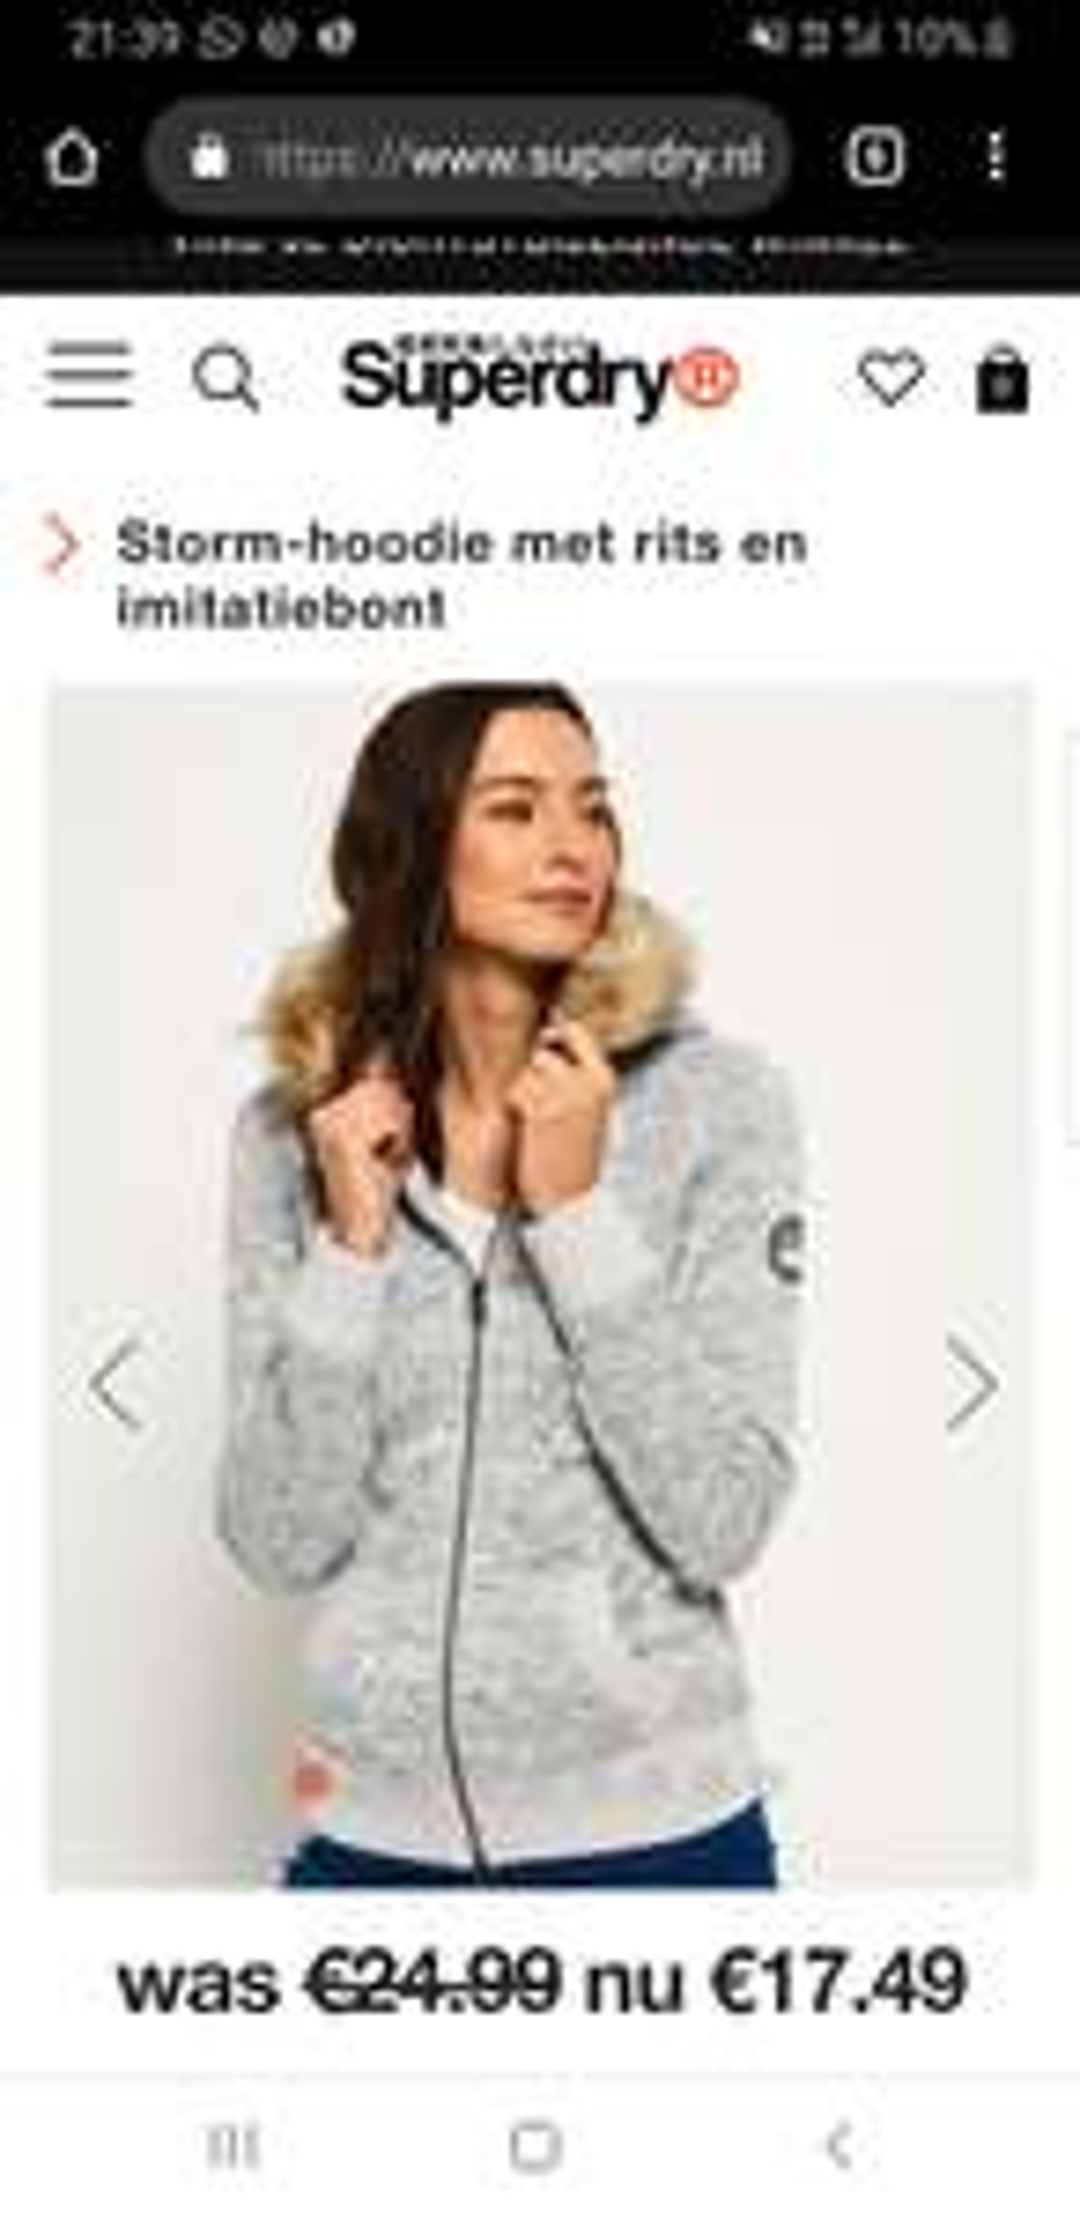 Storm-hoodie met rits en imitatiebont